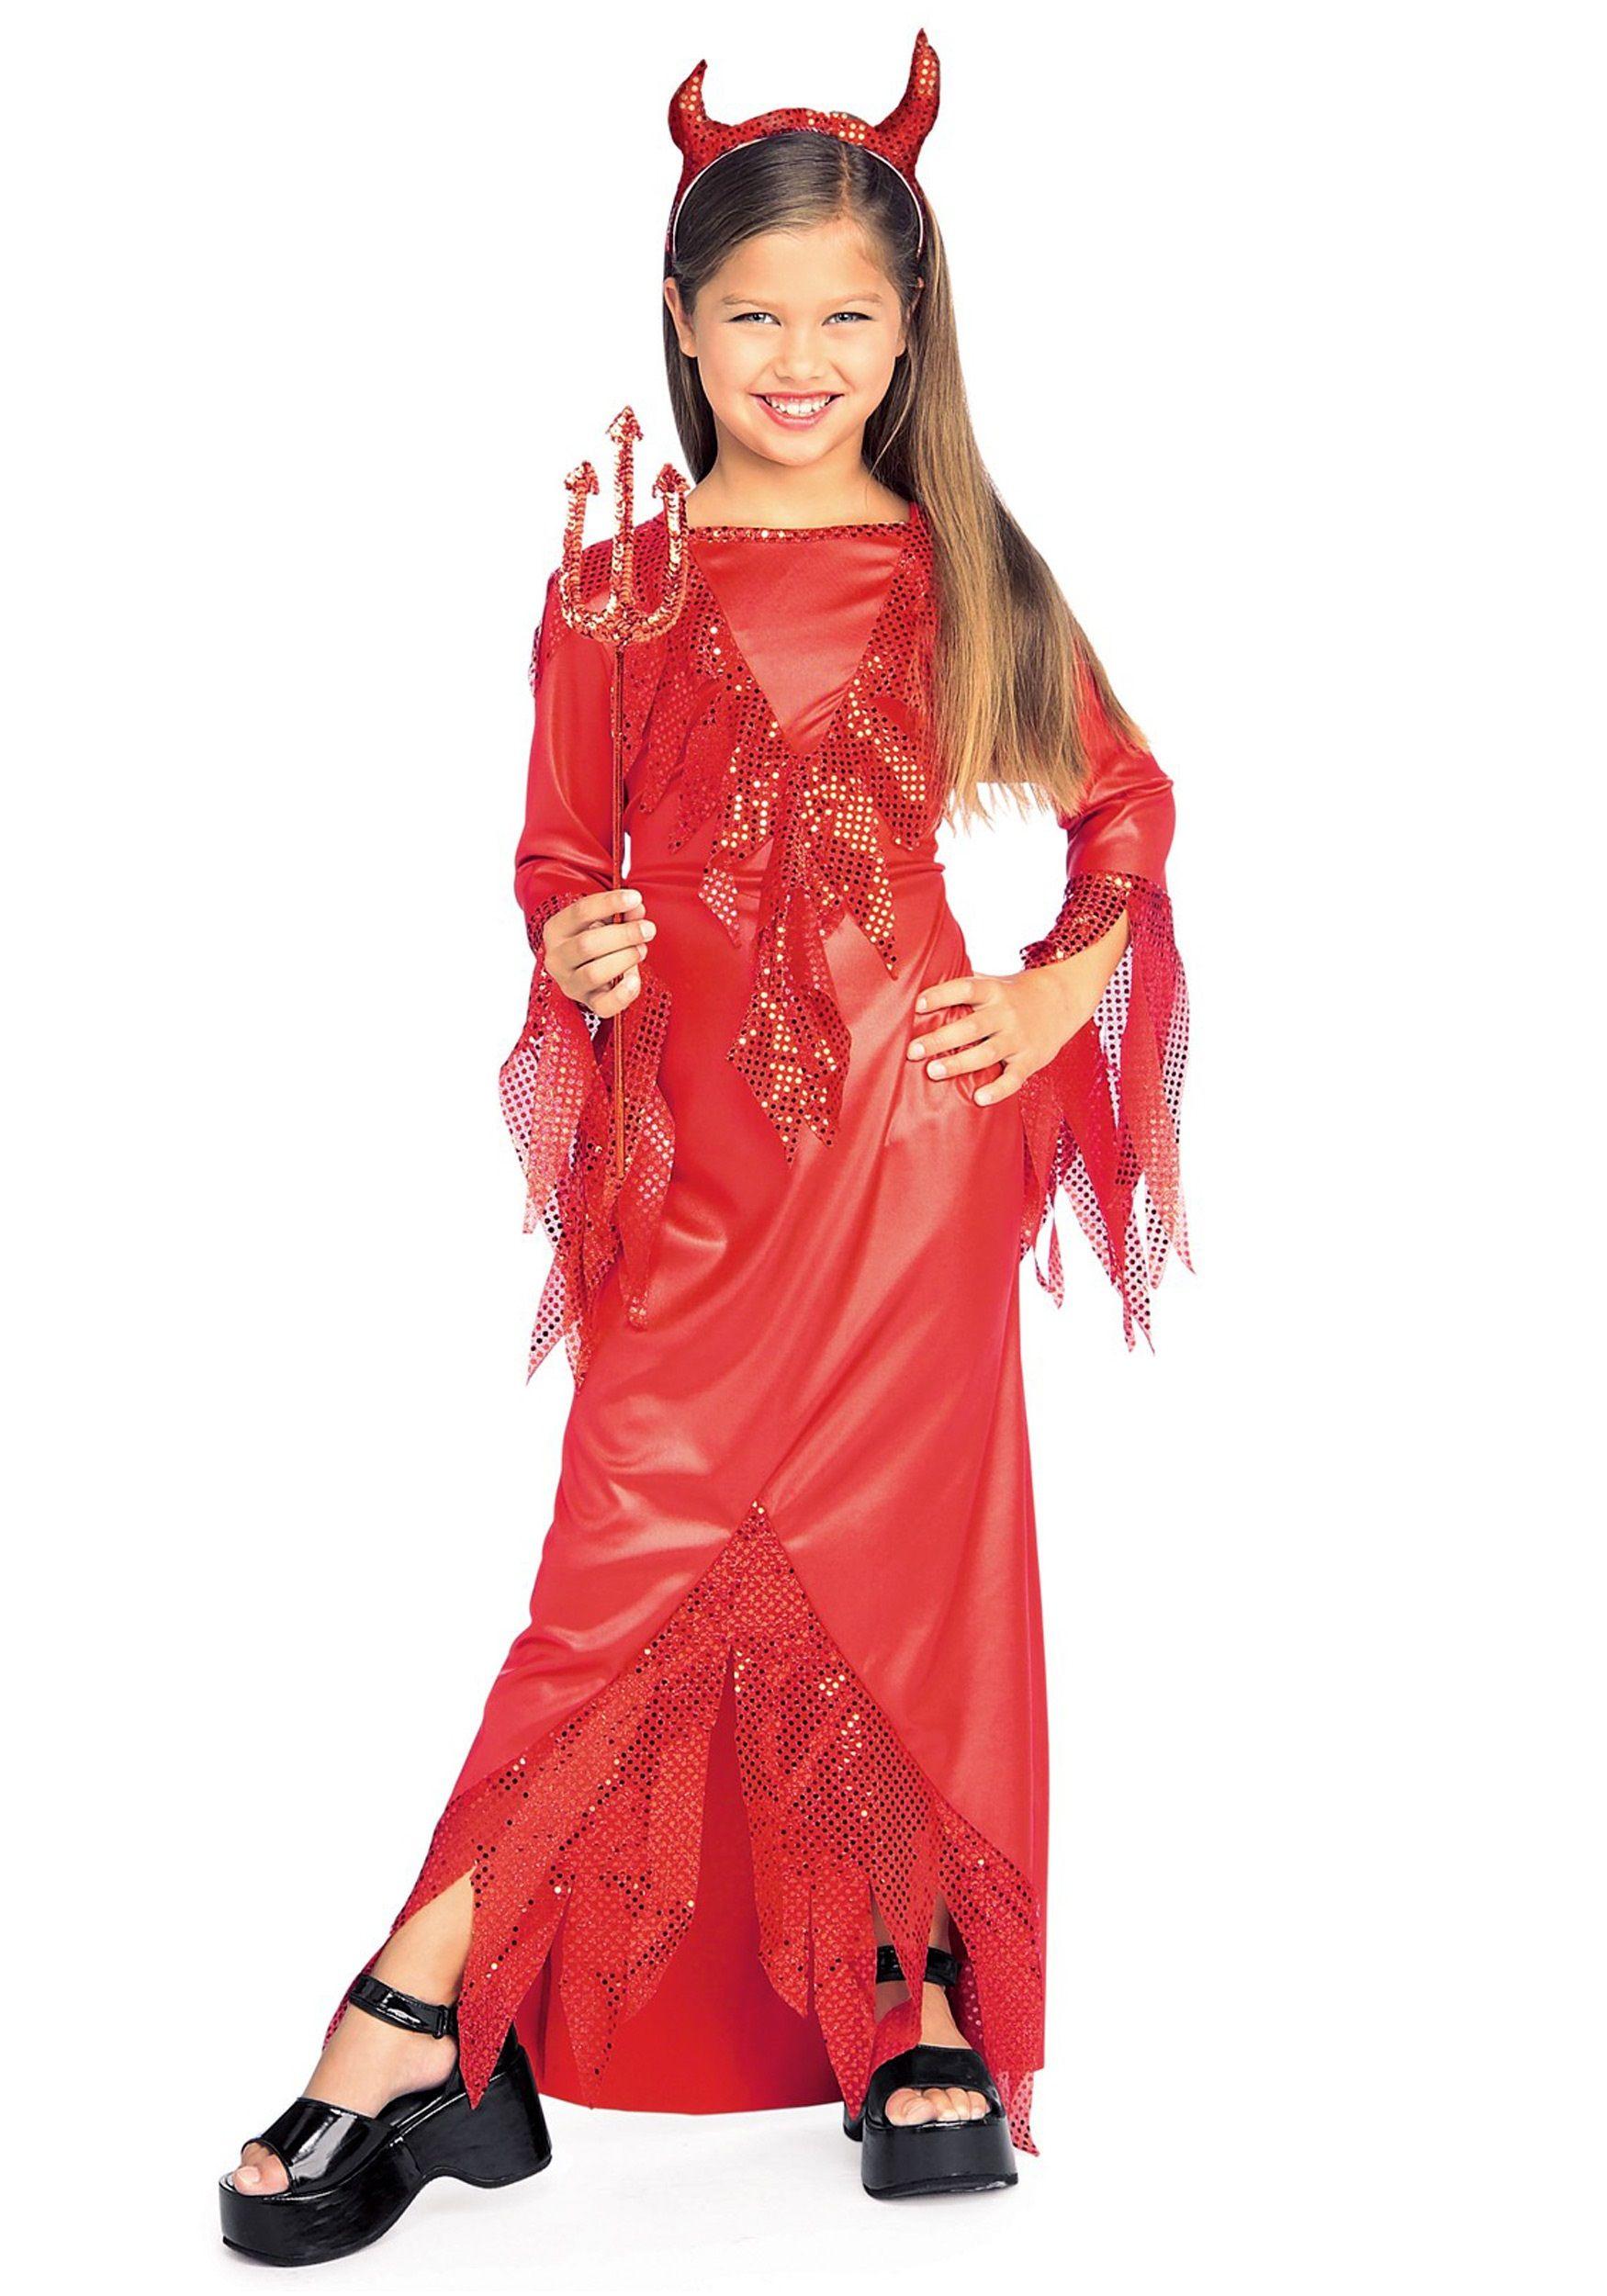 Výsledek obrázku pro devil costume for women